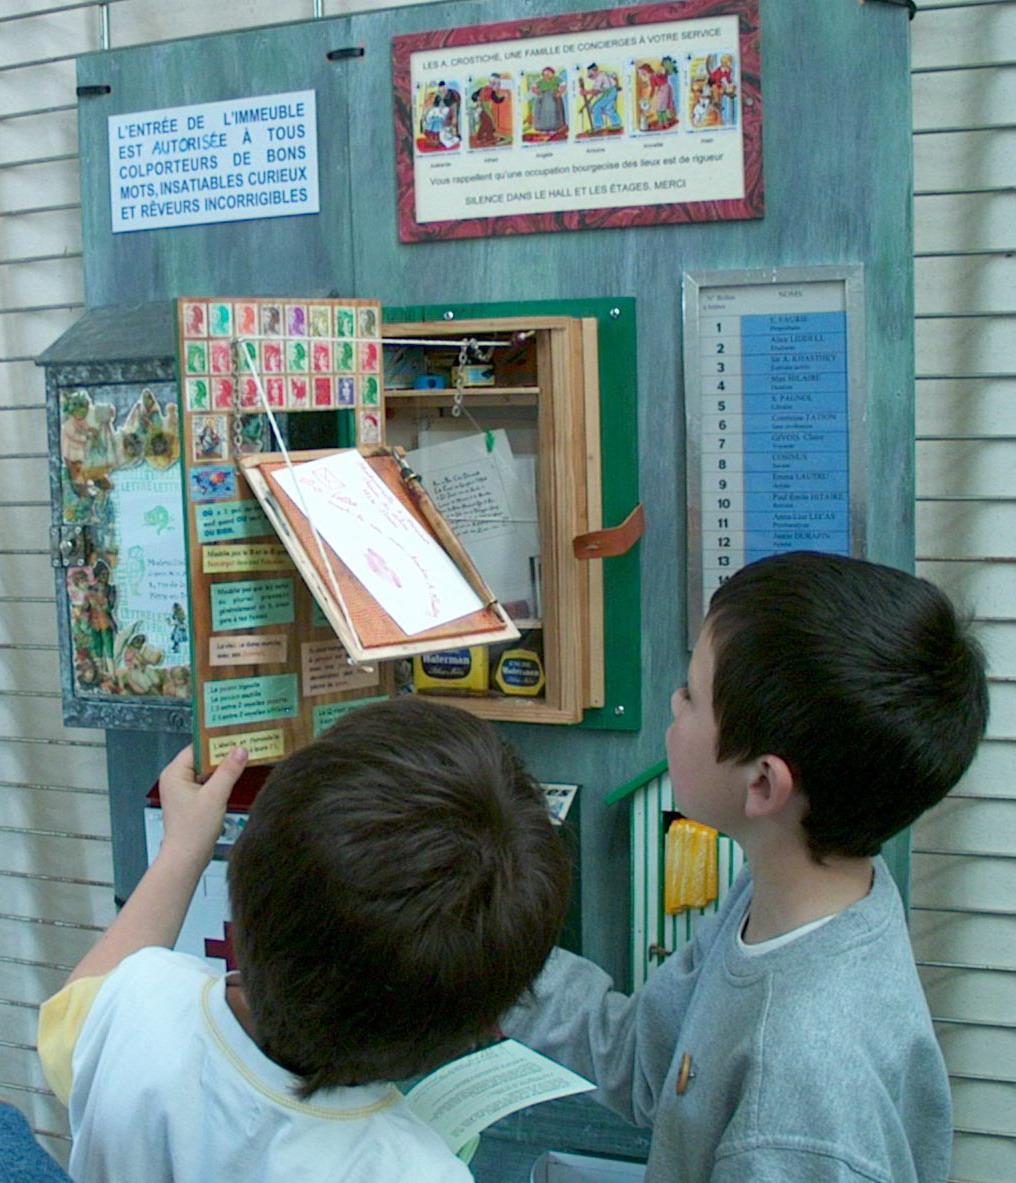 Visiteurs - Enfants-11.jpg